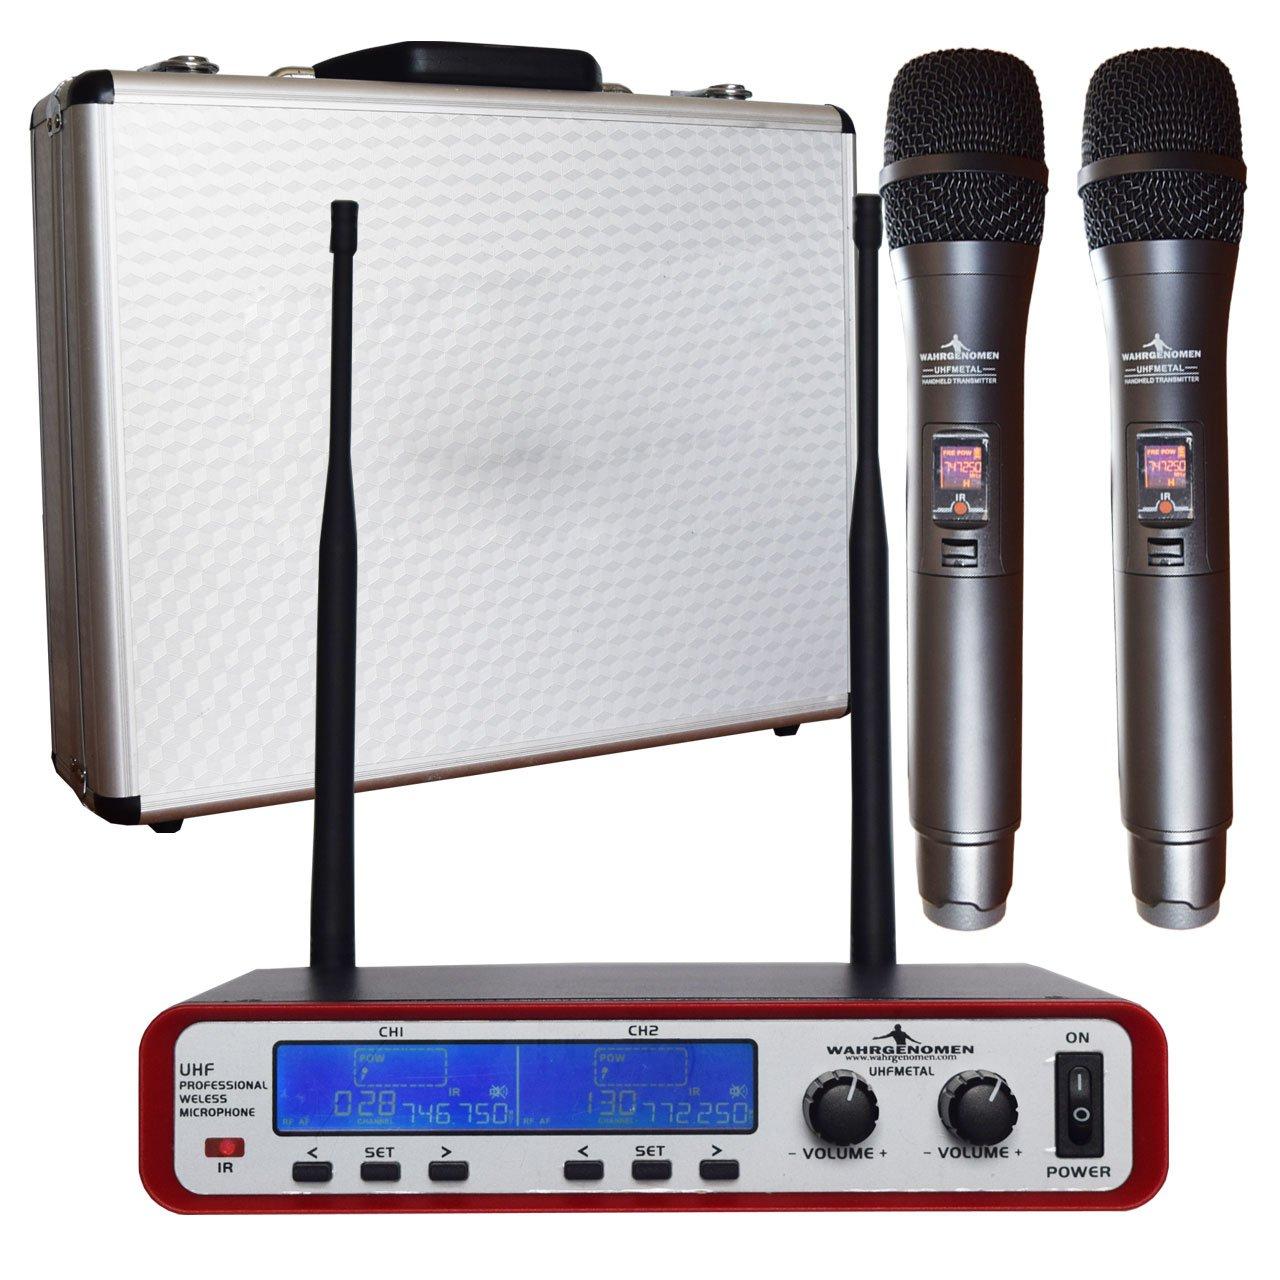 UHFMETAL Micrófonos Inalámbricos UHF set dual IR con cable y estuche logo